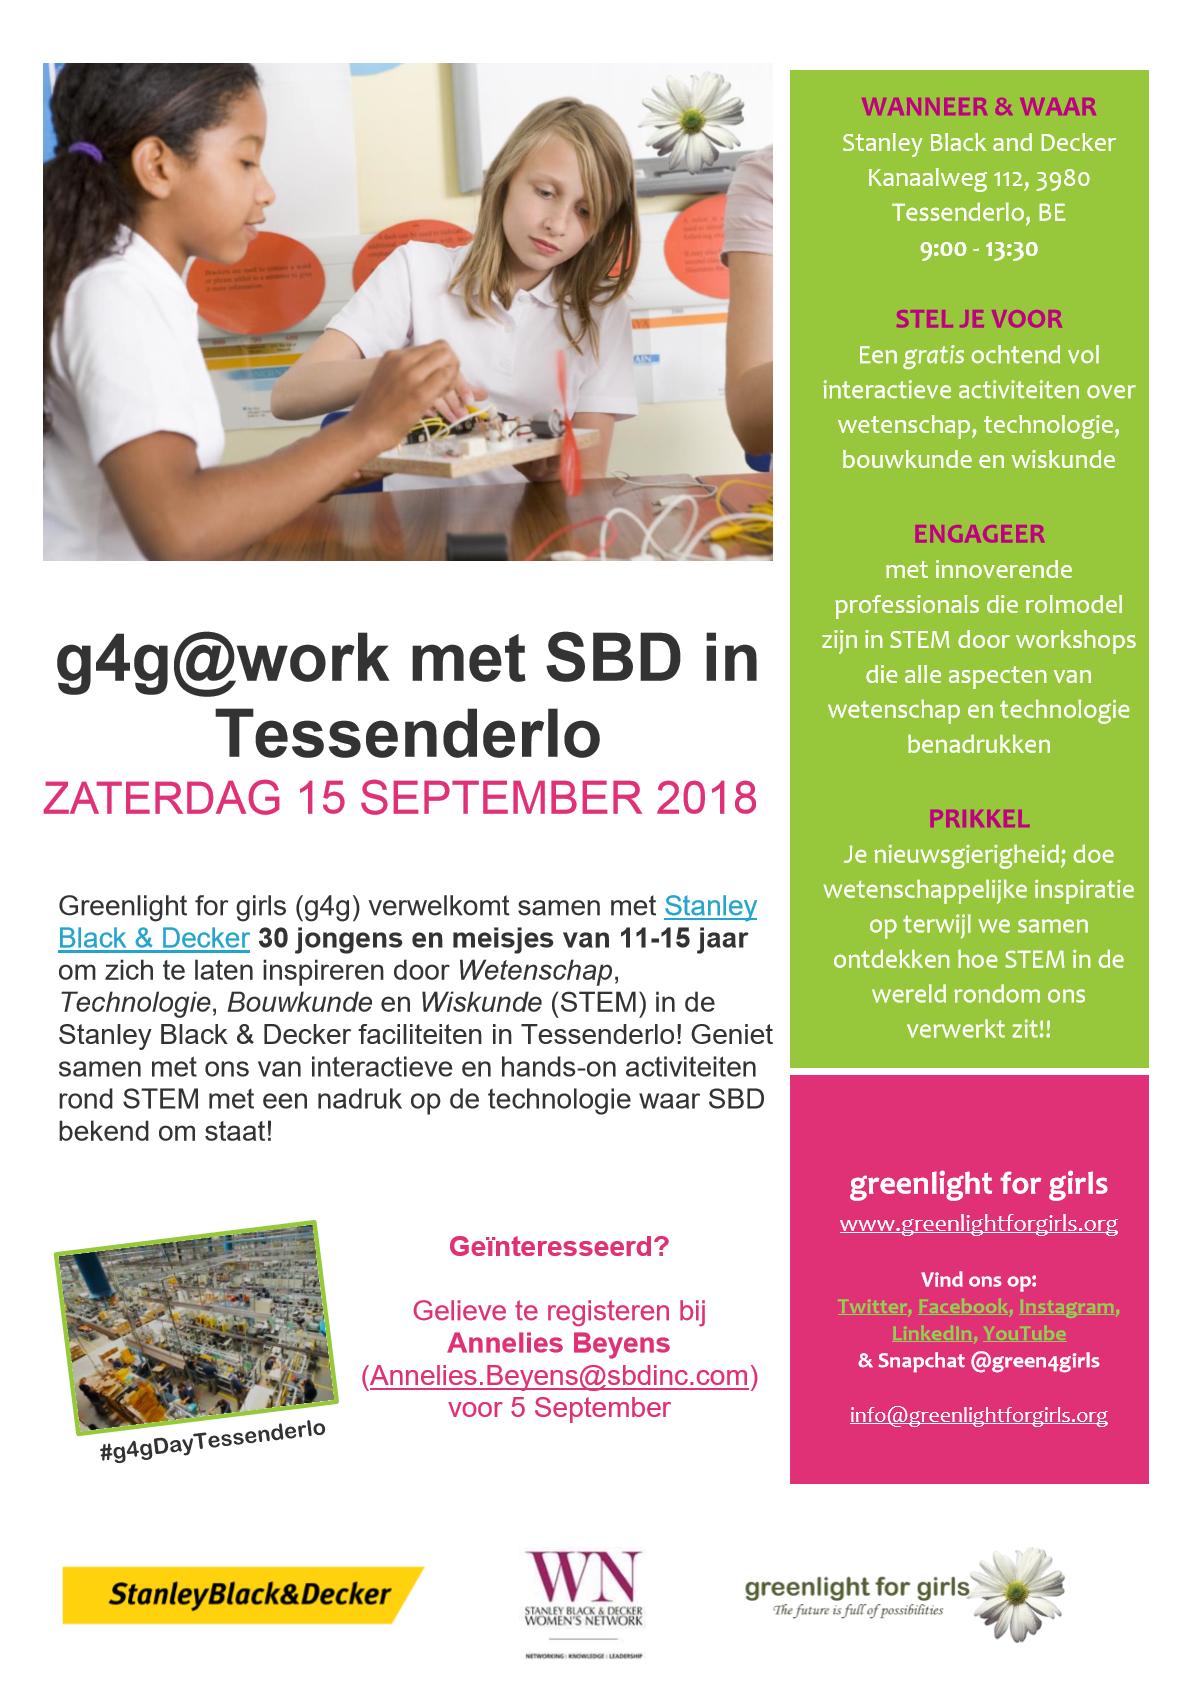 g4g@work met SBD_Tessenderlo_2018.jpg